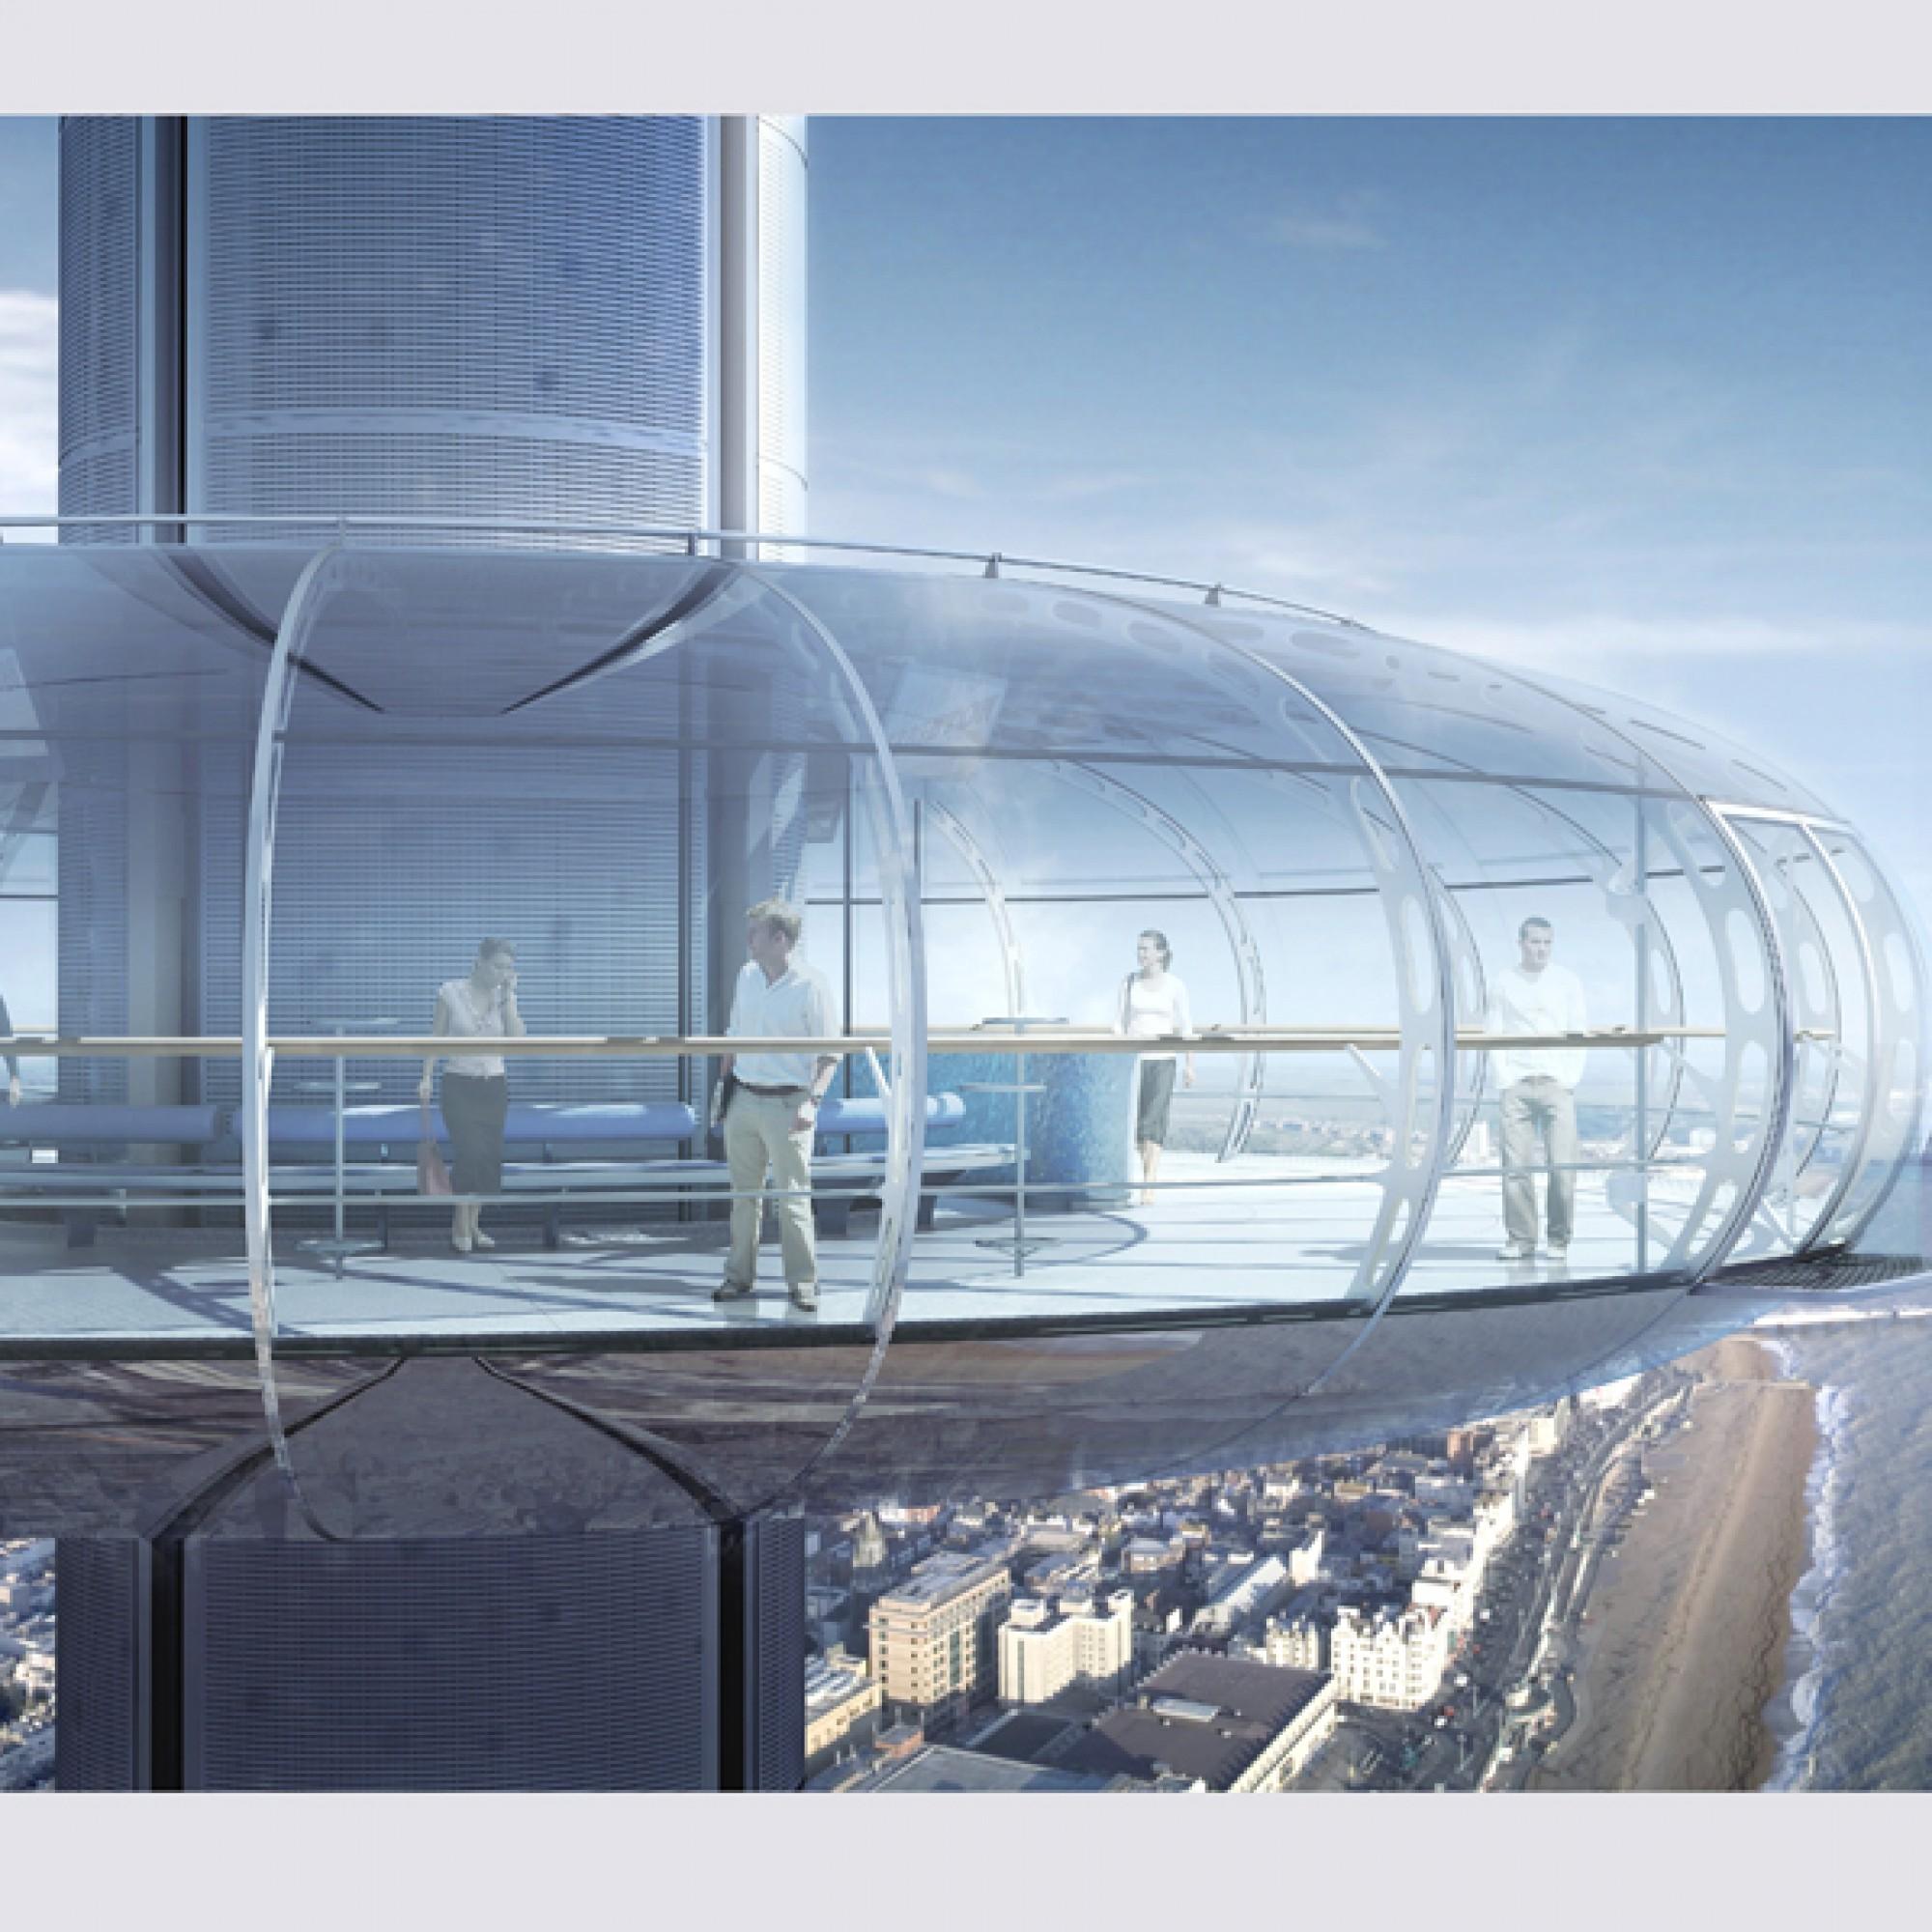 Die Aussichtsplattform bietet 200 Besuchern Platz. (zvg)